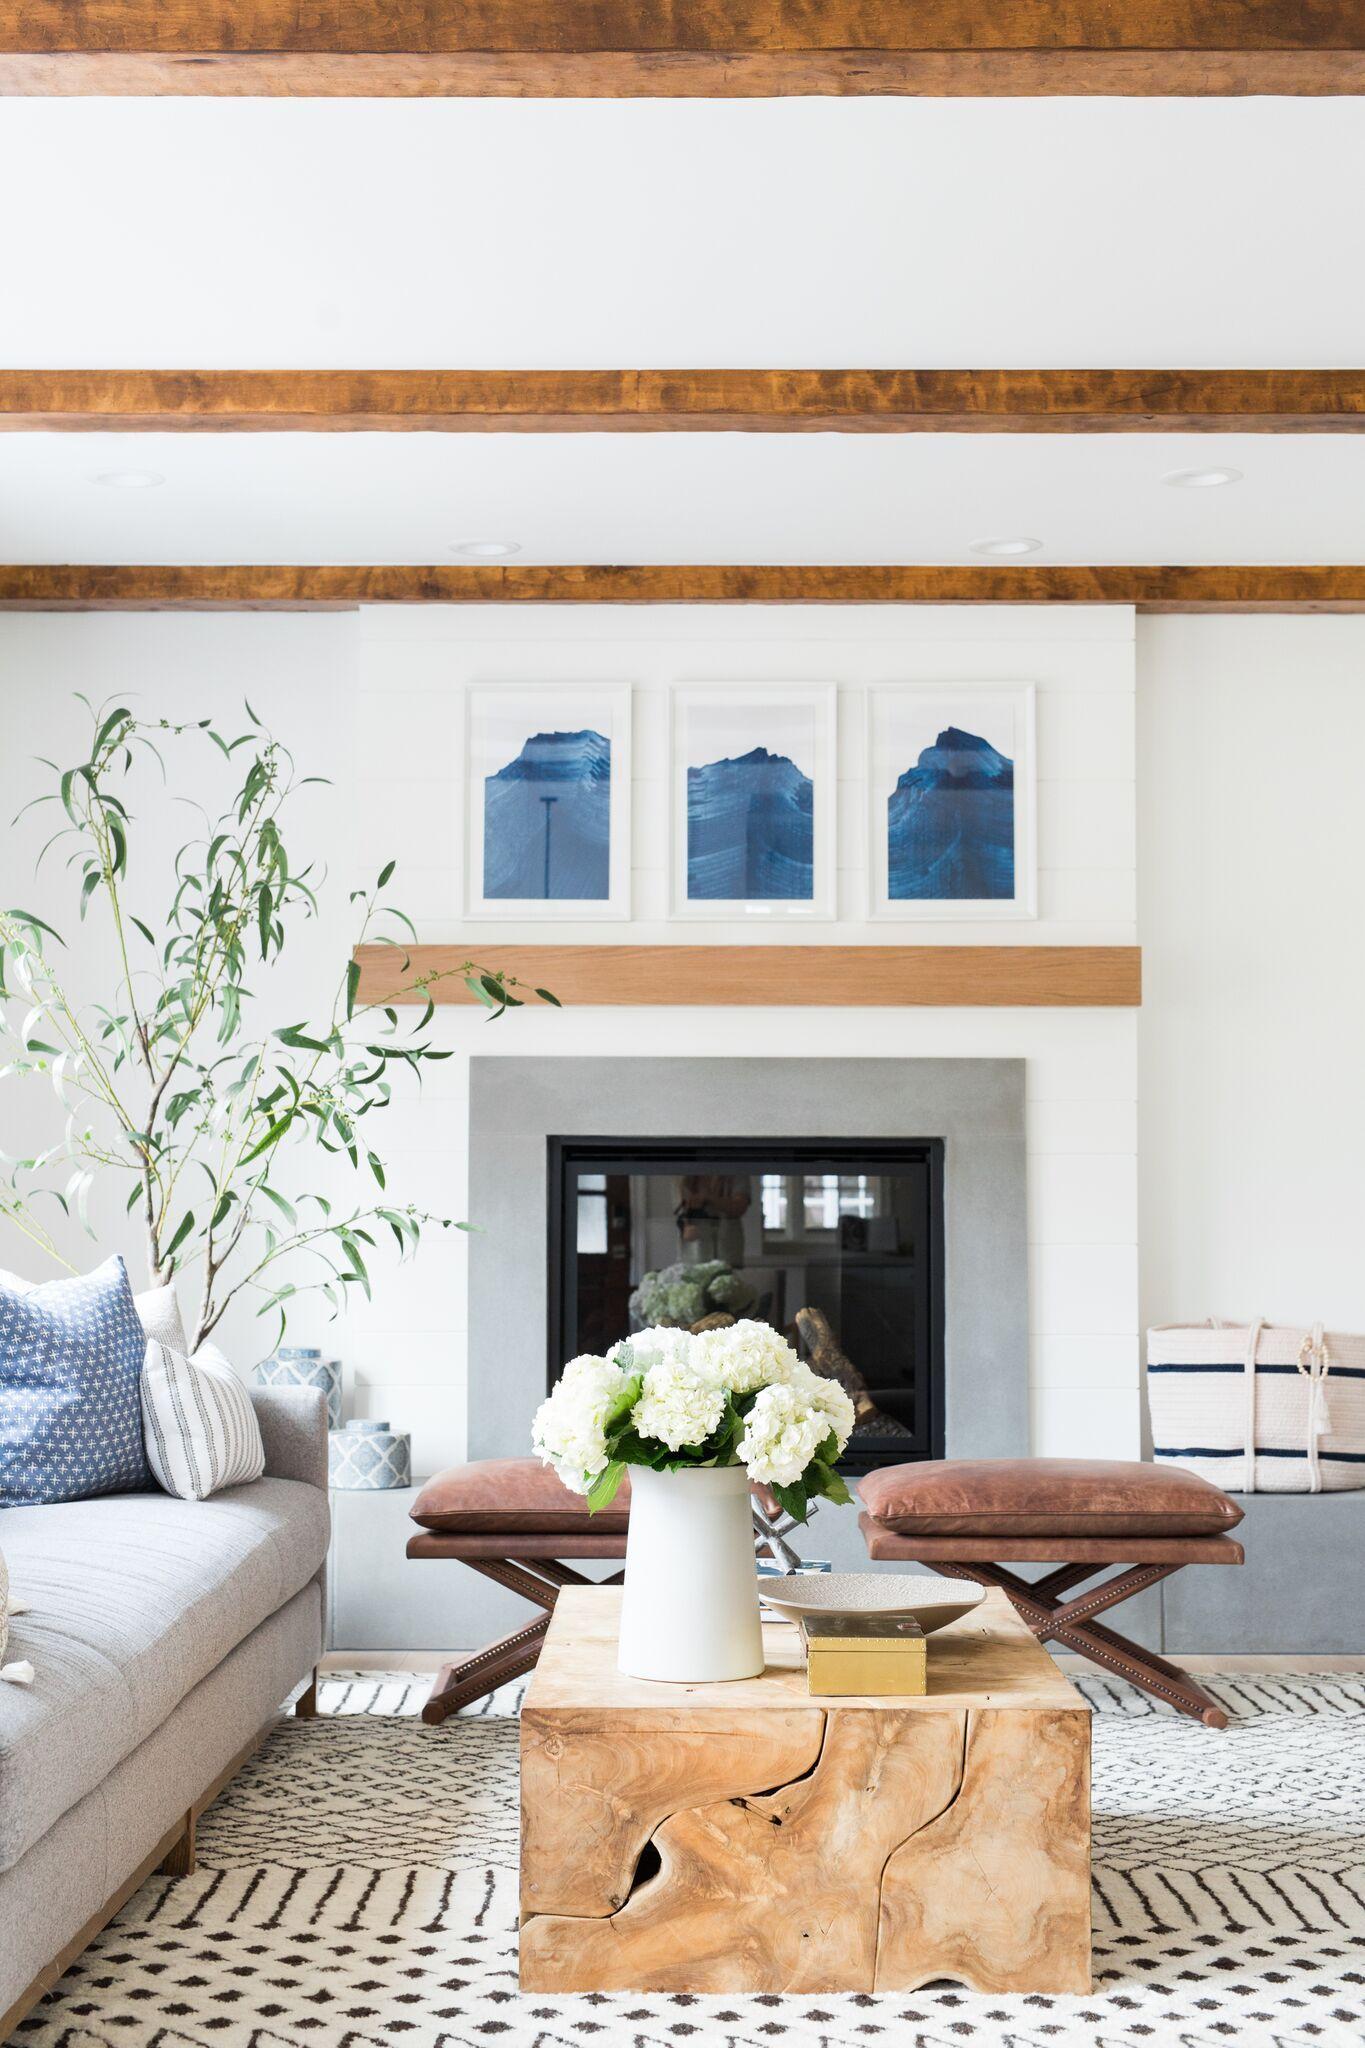 Riverbottoms Remodel Living Room Reveal Studio Mcgee Living Room Remodel Living Room Reveal Small Living Room Design #simple #small #living #room #design